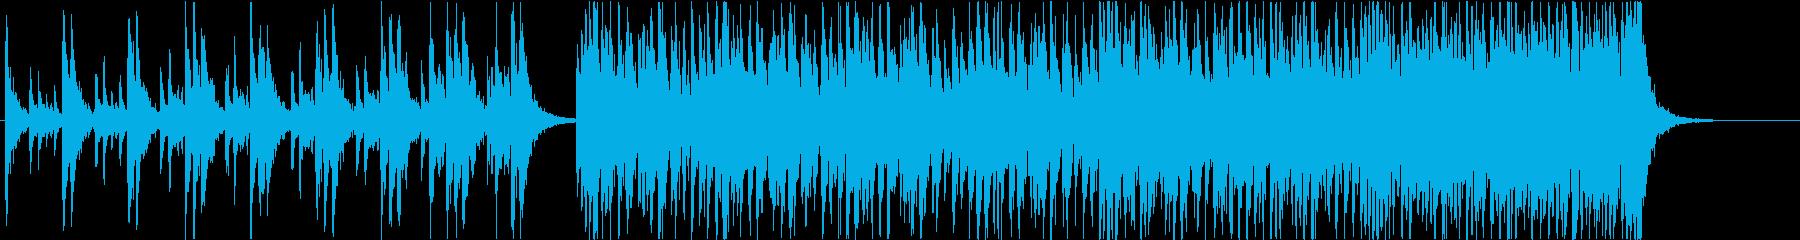 激しく躍動感たっぷりな太鼓ですの再生済みの波形